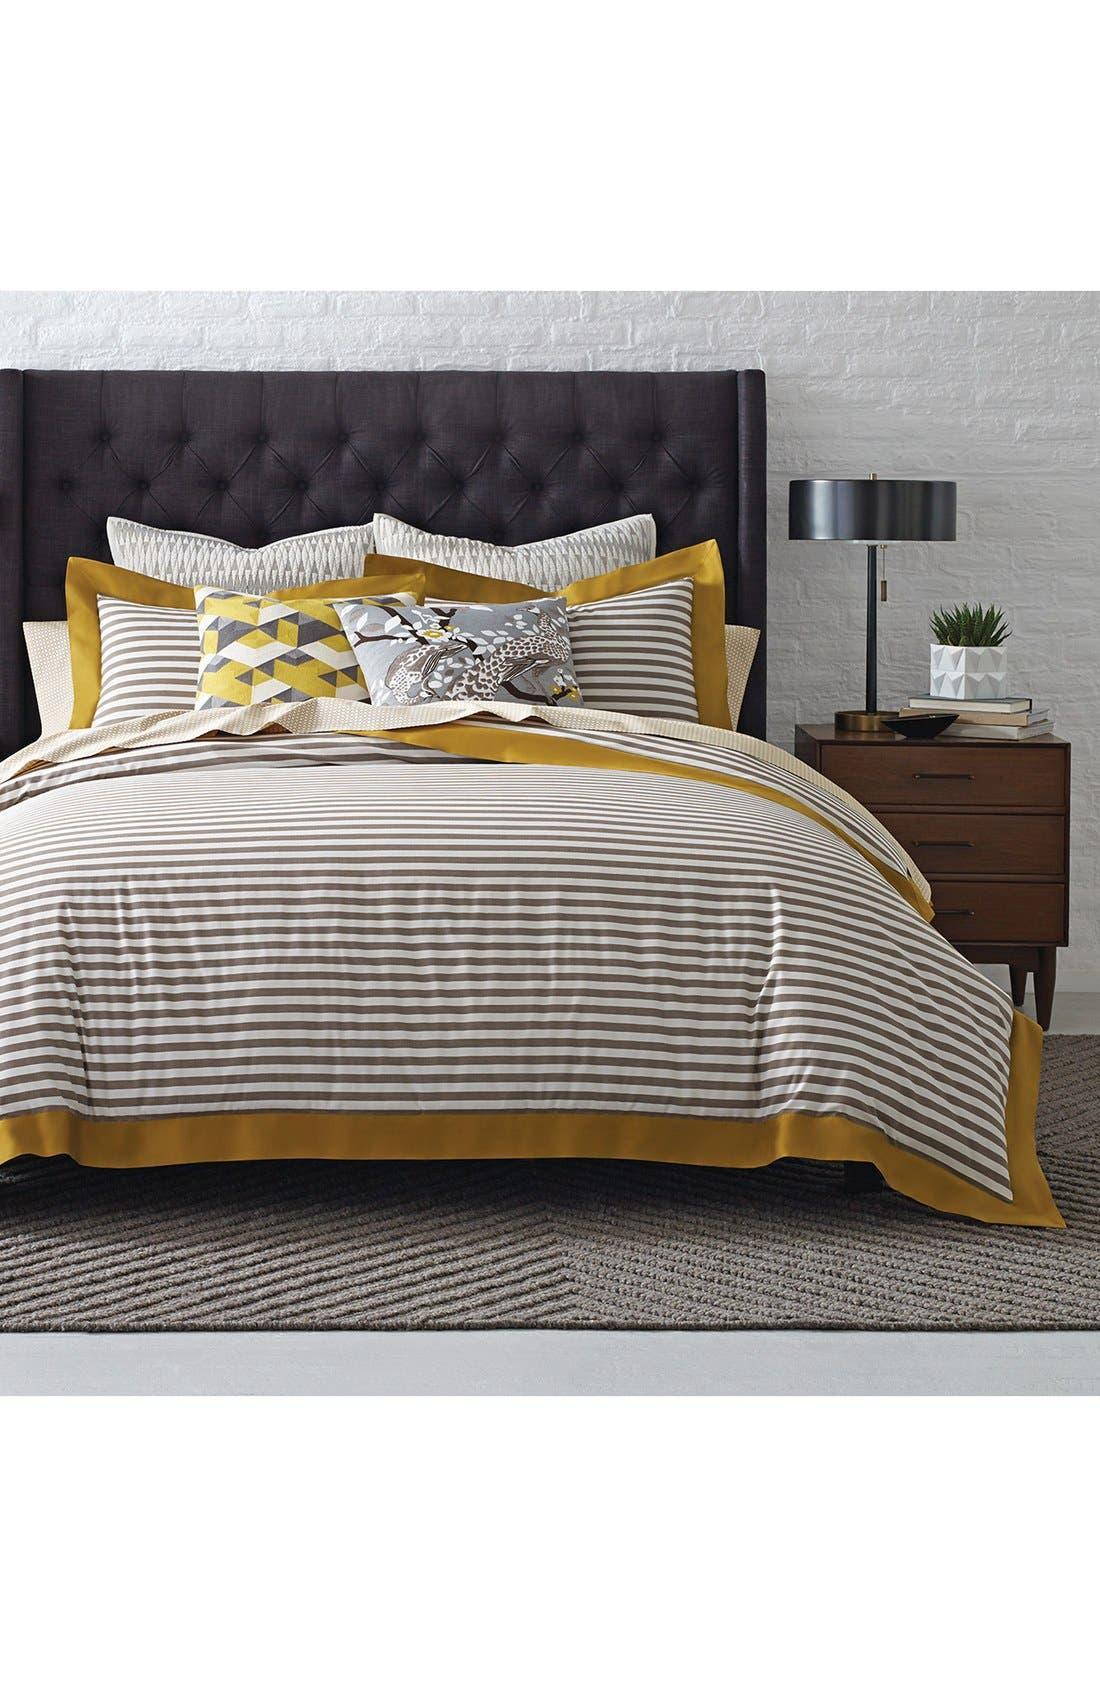 Alternate Image 1 Selected - DwellStudio 'Draper Stripe' Duvet Cover